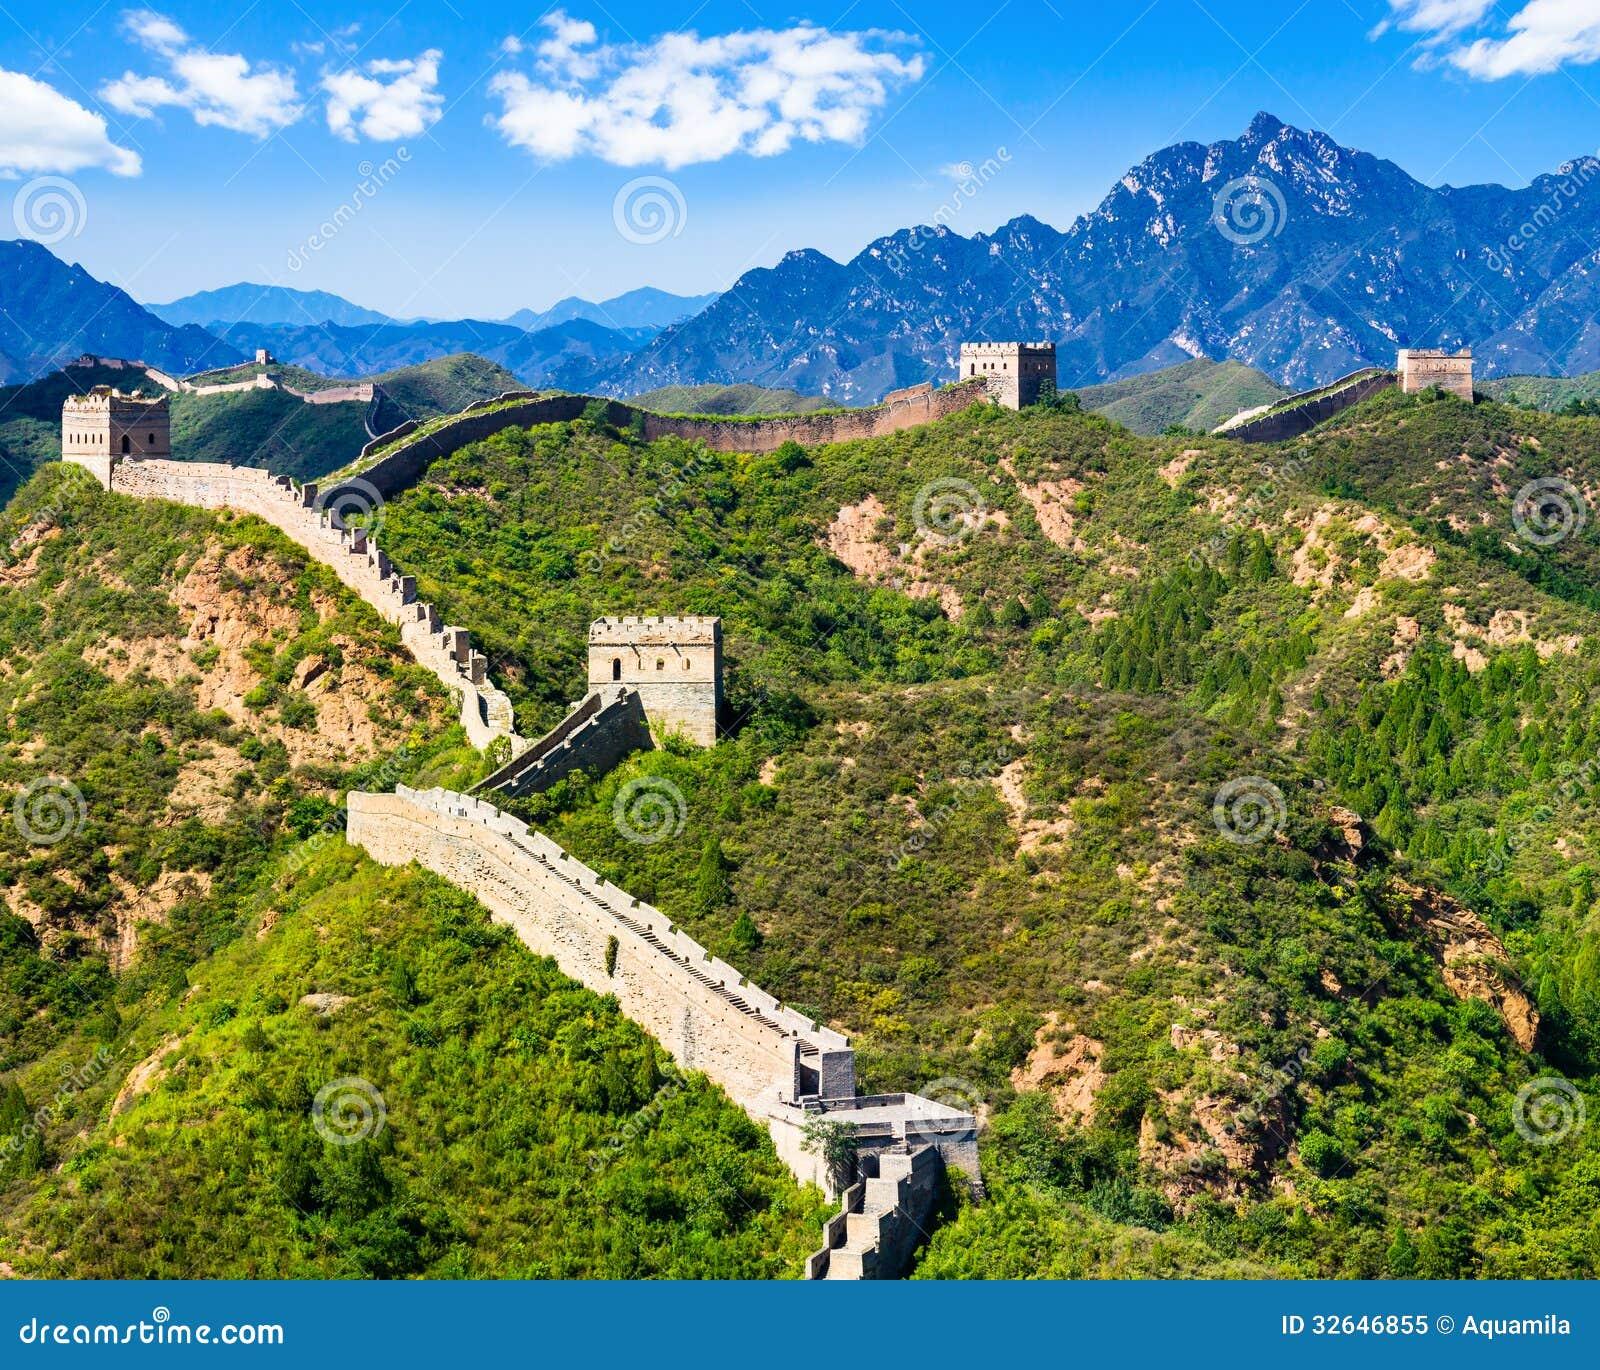 Great wall of china on summer sunny day jinshanling for A grande muralha da china